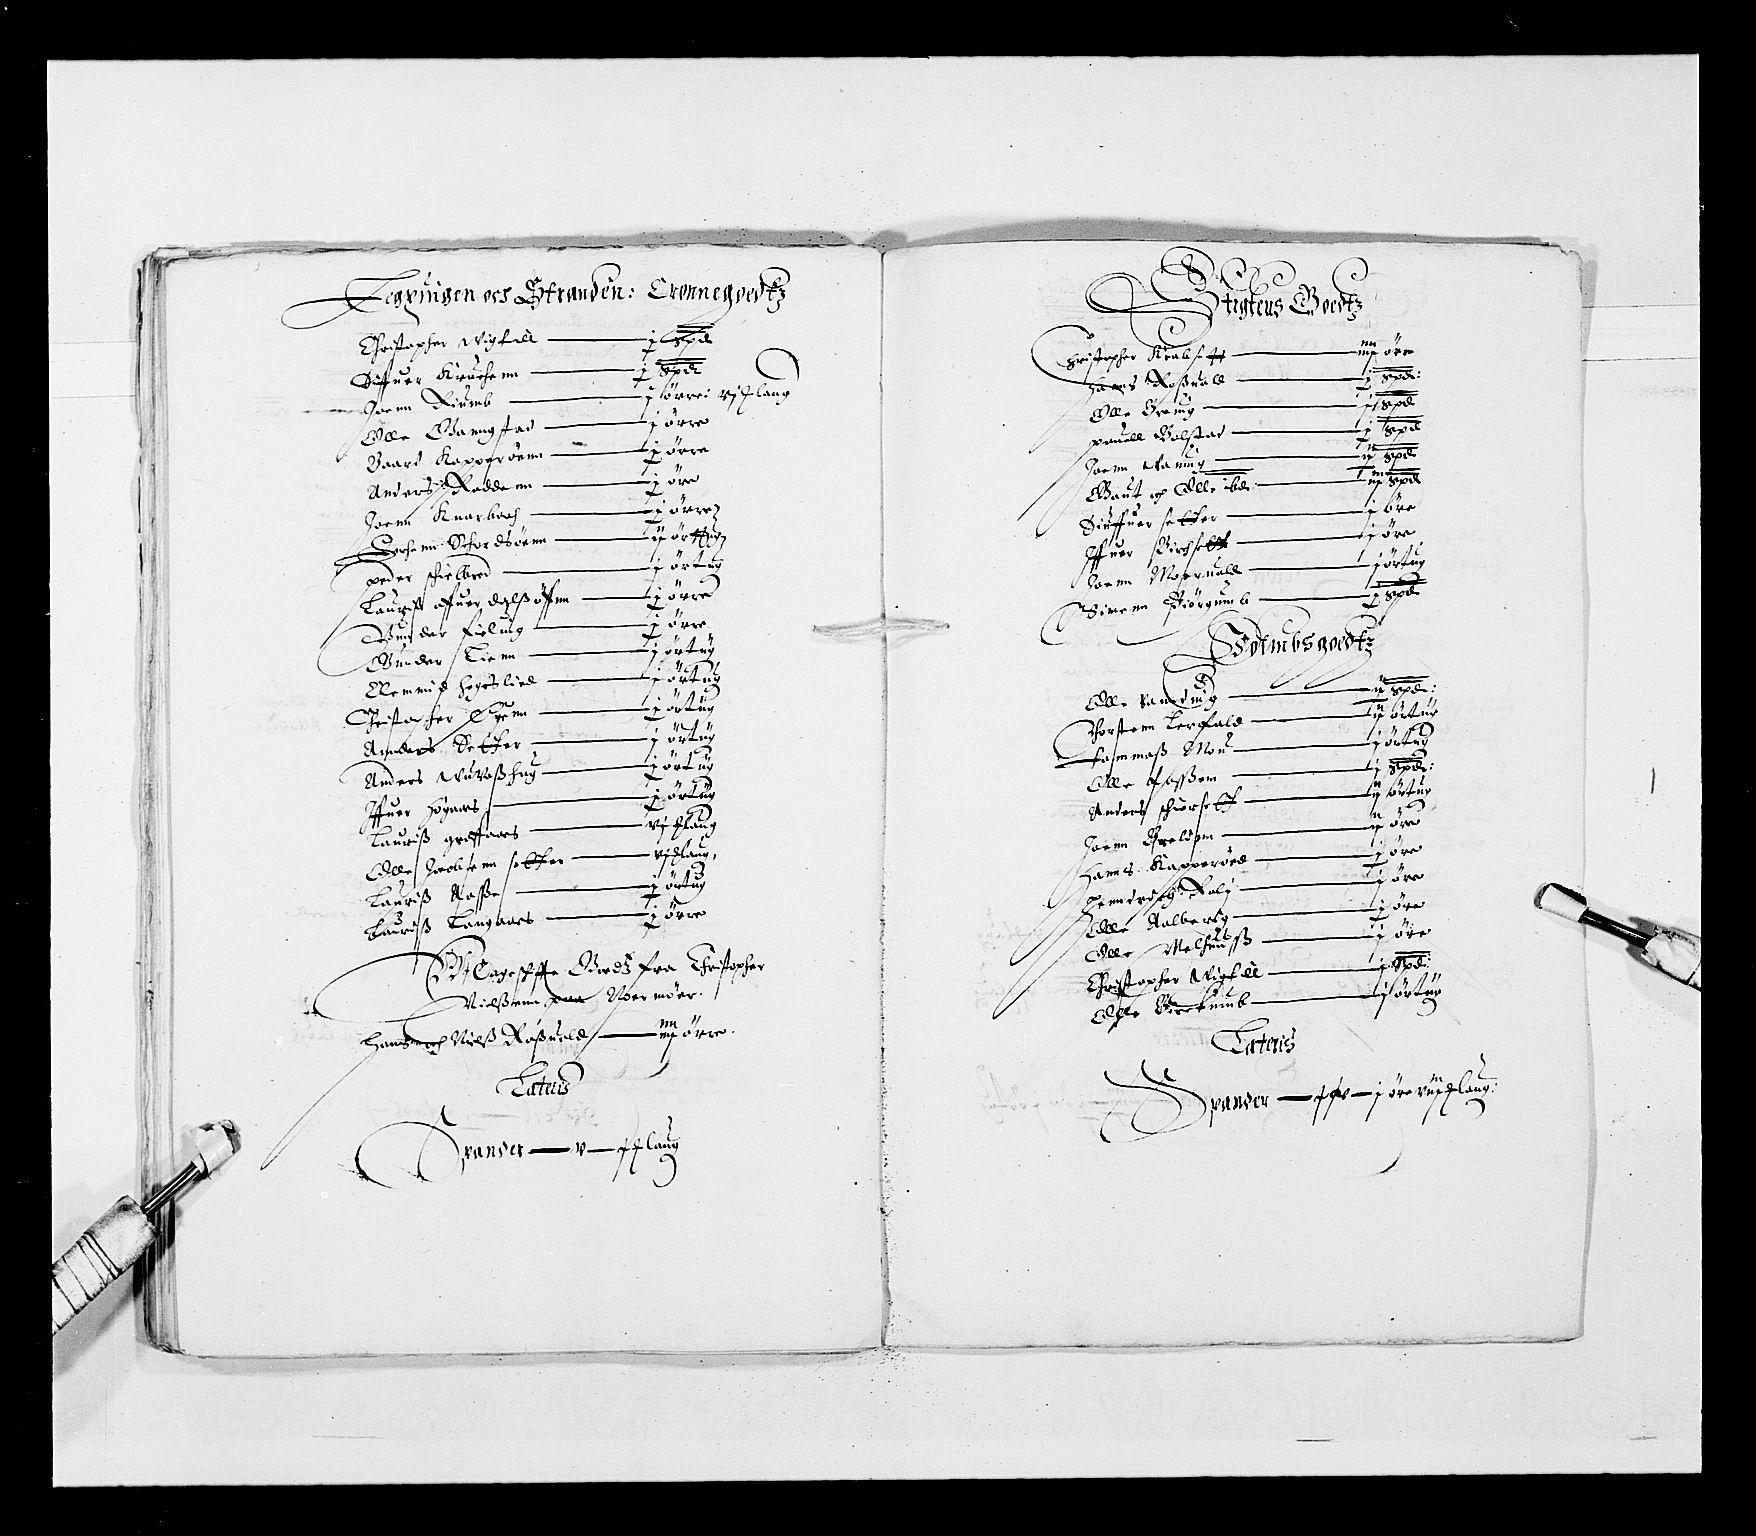 RA, Stattholderembetet 1572-1771, Ek/L0028: Jordebøker 1633-1658:, 1645-1646, s. 160